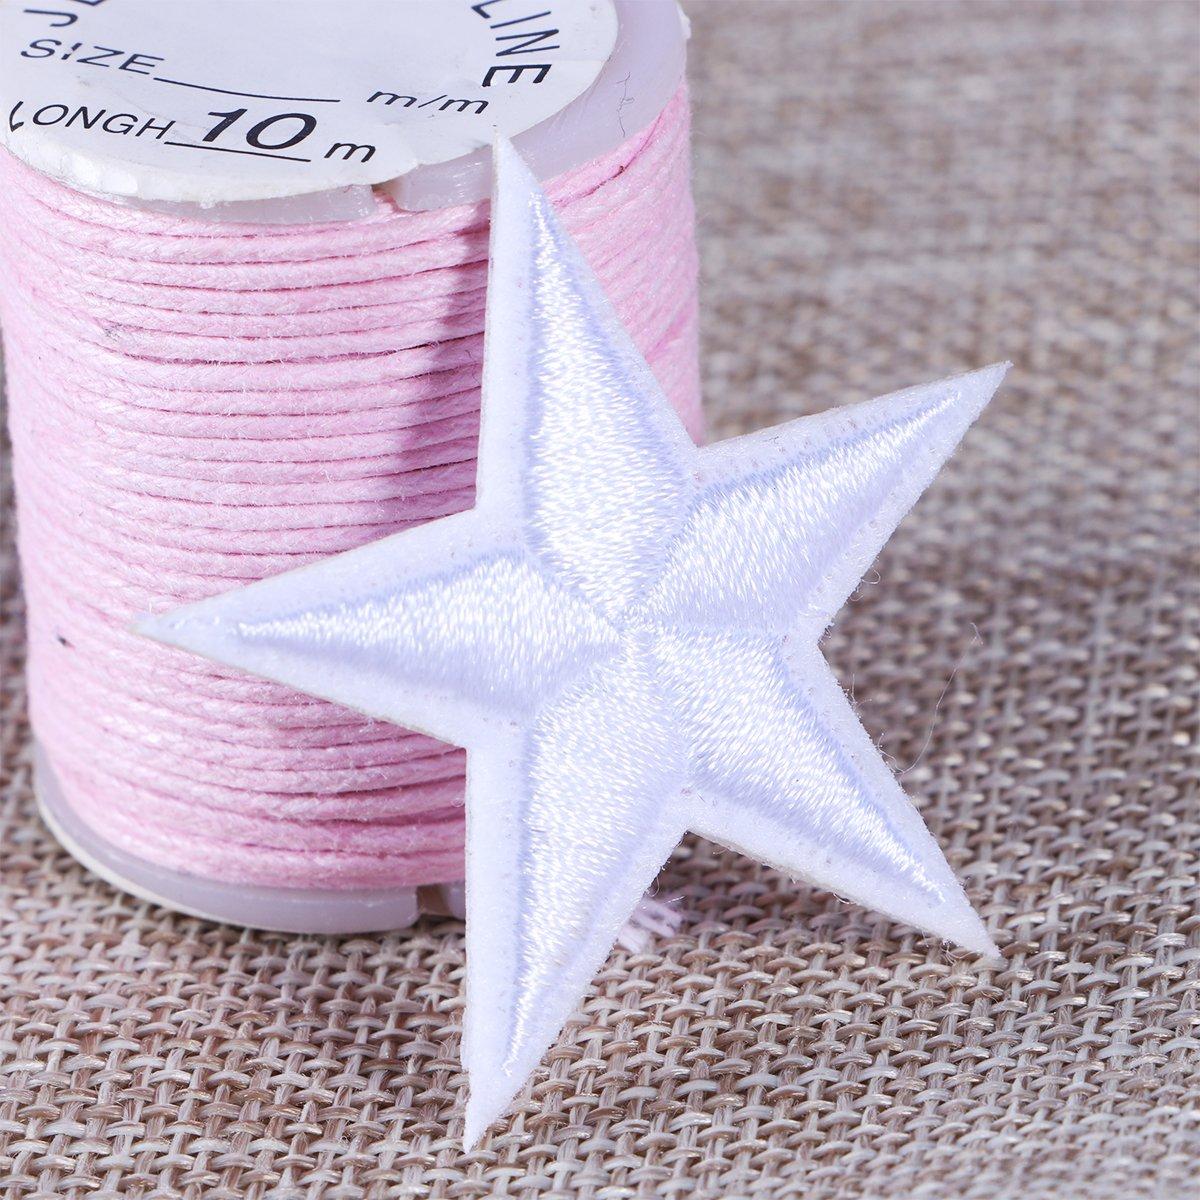 Blanco SUPVOX 10 unids Bordado Apliques Parches Estrella Costura en Parches para Camiseta Jeans Chaquetas Ropa Scrapbooking Arte artesan/ía